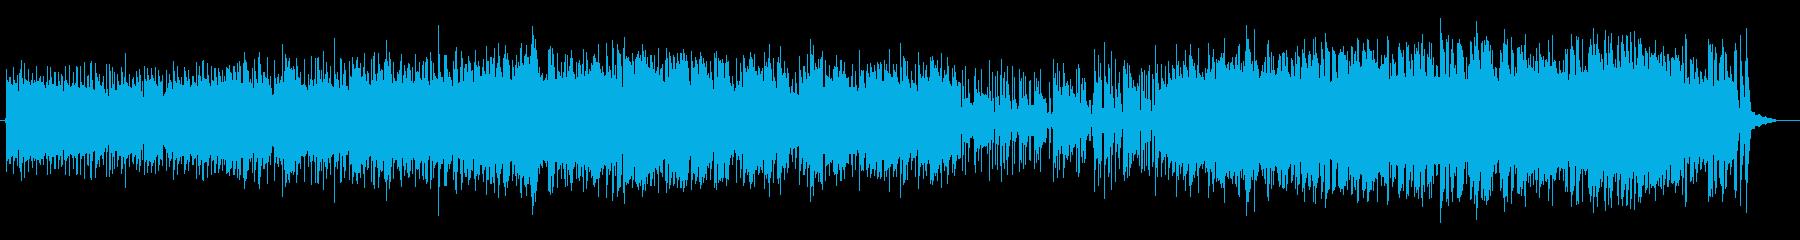 軽くて聴きやすいノリの良いジャズの再生済みの波形